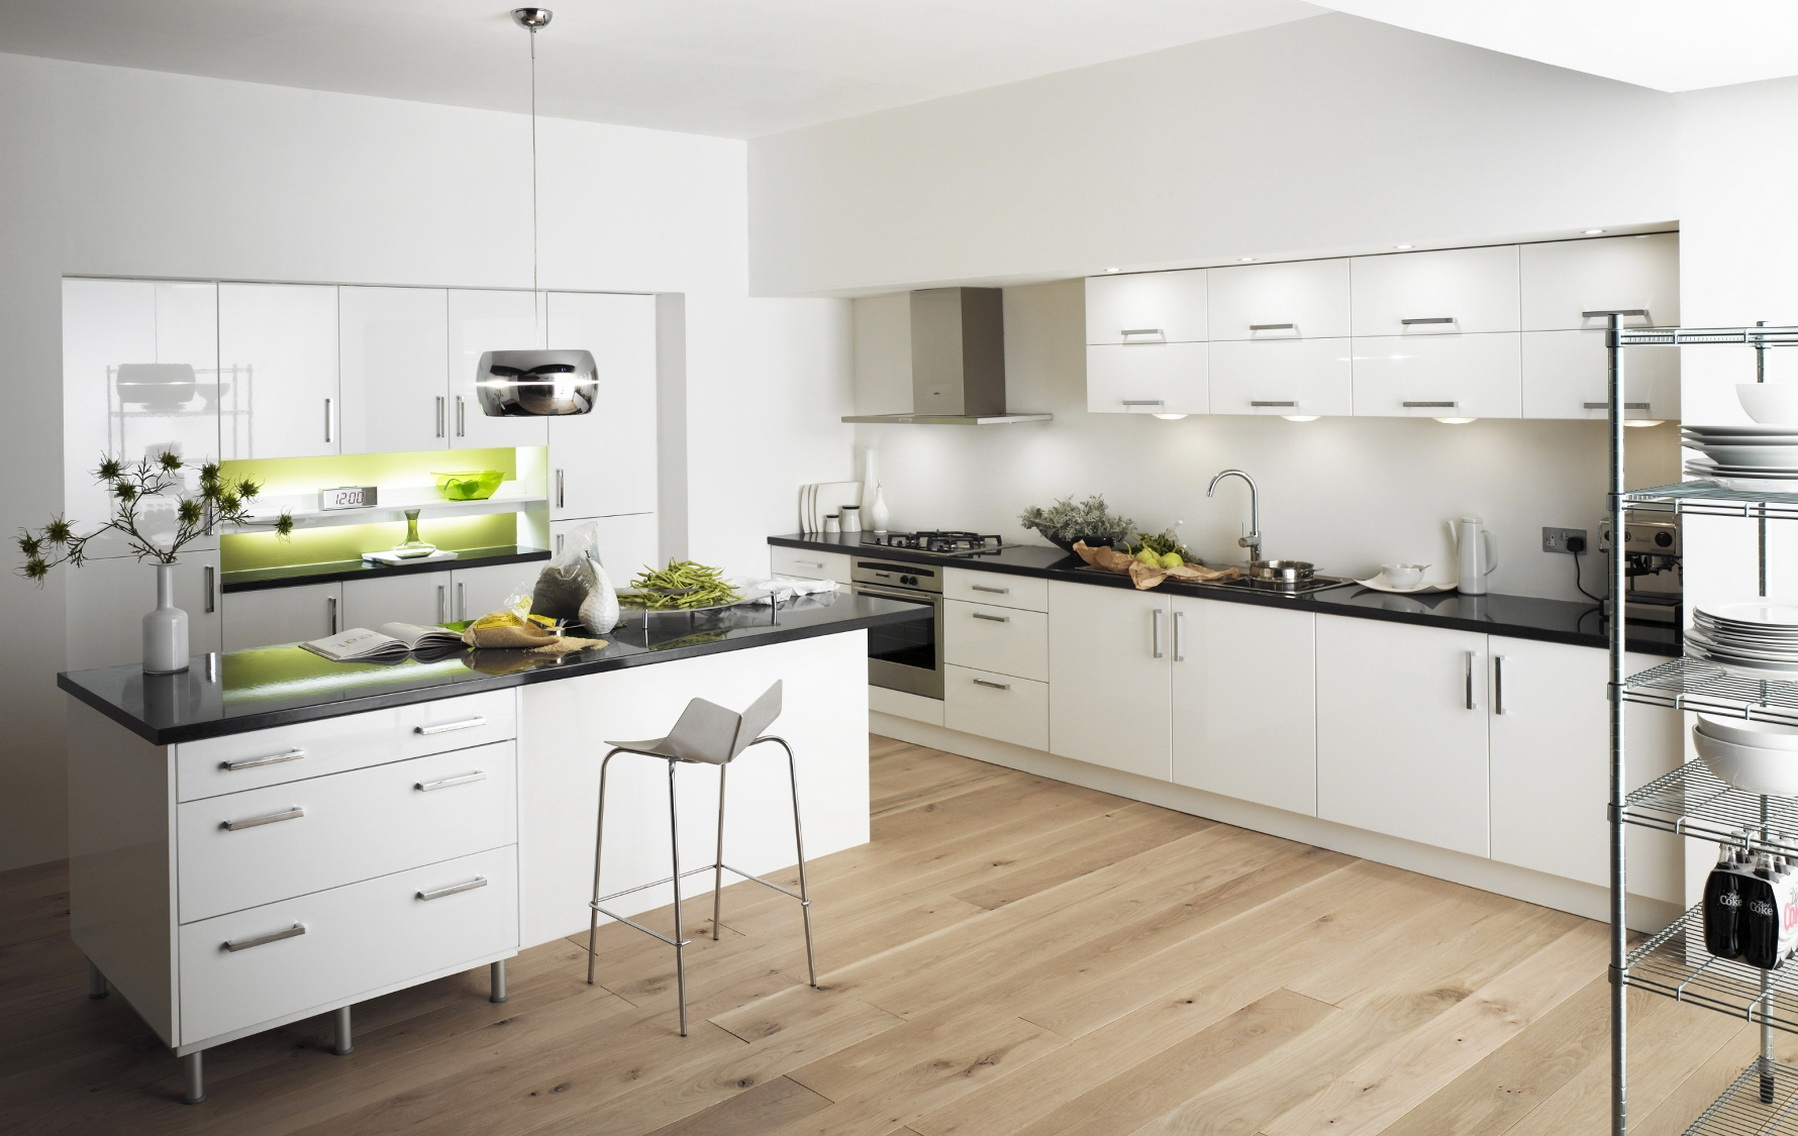 Современная белая кухня с ярко-зелеными элементами